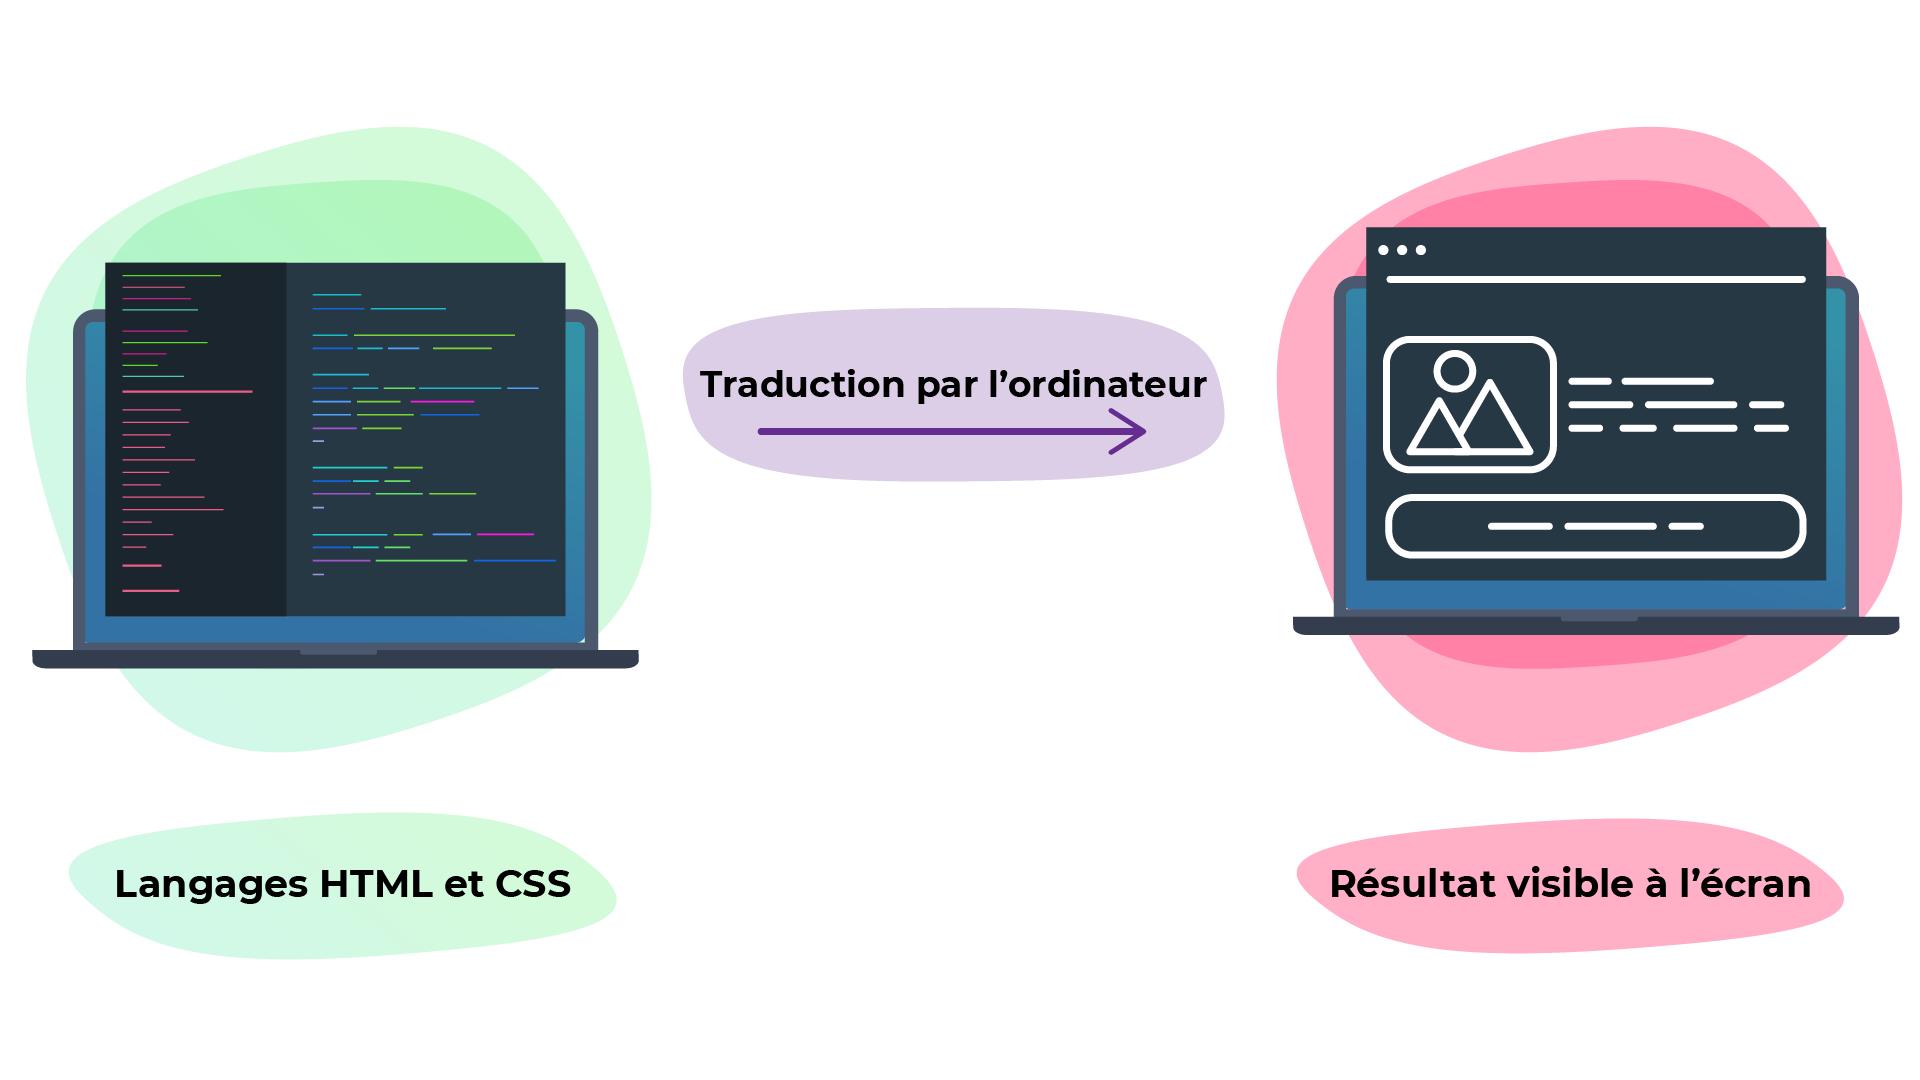 L'ordinateur traduit les langages HTML et CSS, représentés à gauche du schéma, de telle sorte à ce que le résultat, représenté à droite, soit visible à l'écran.